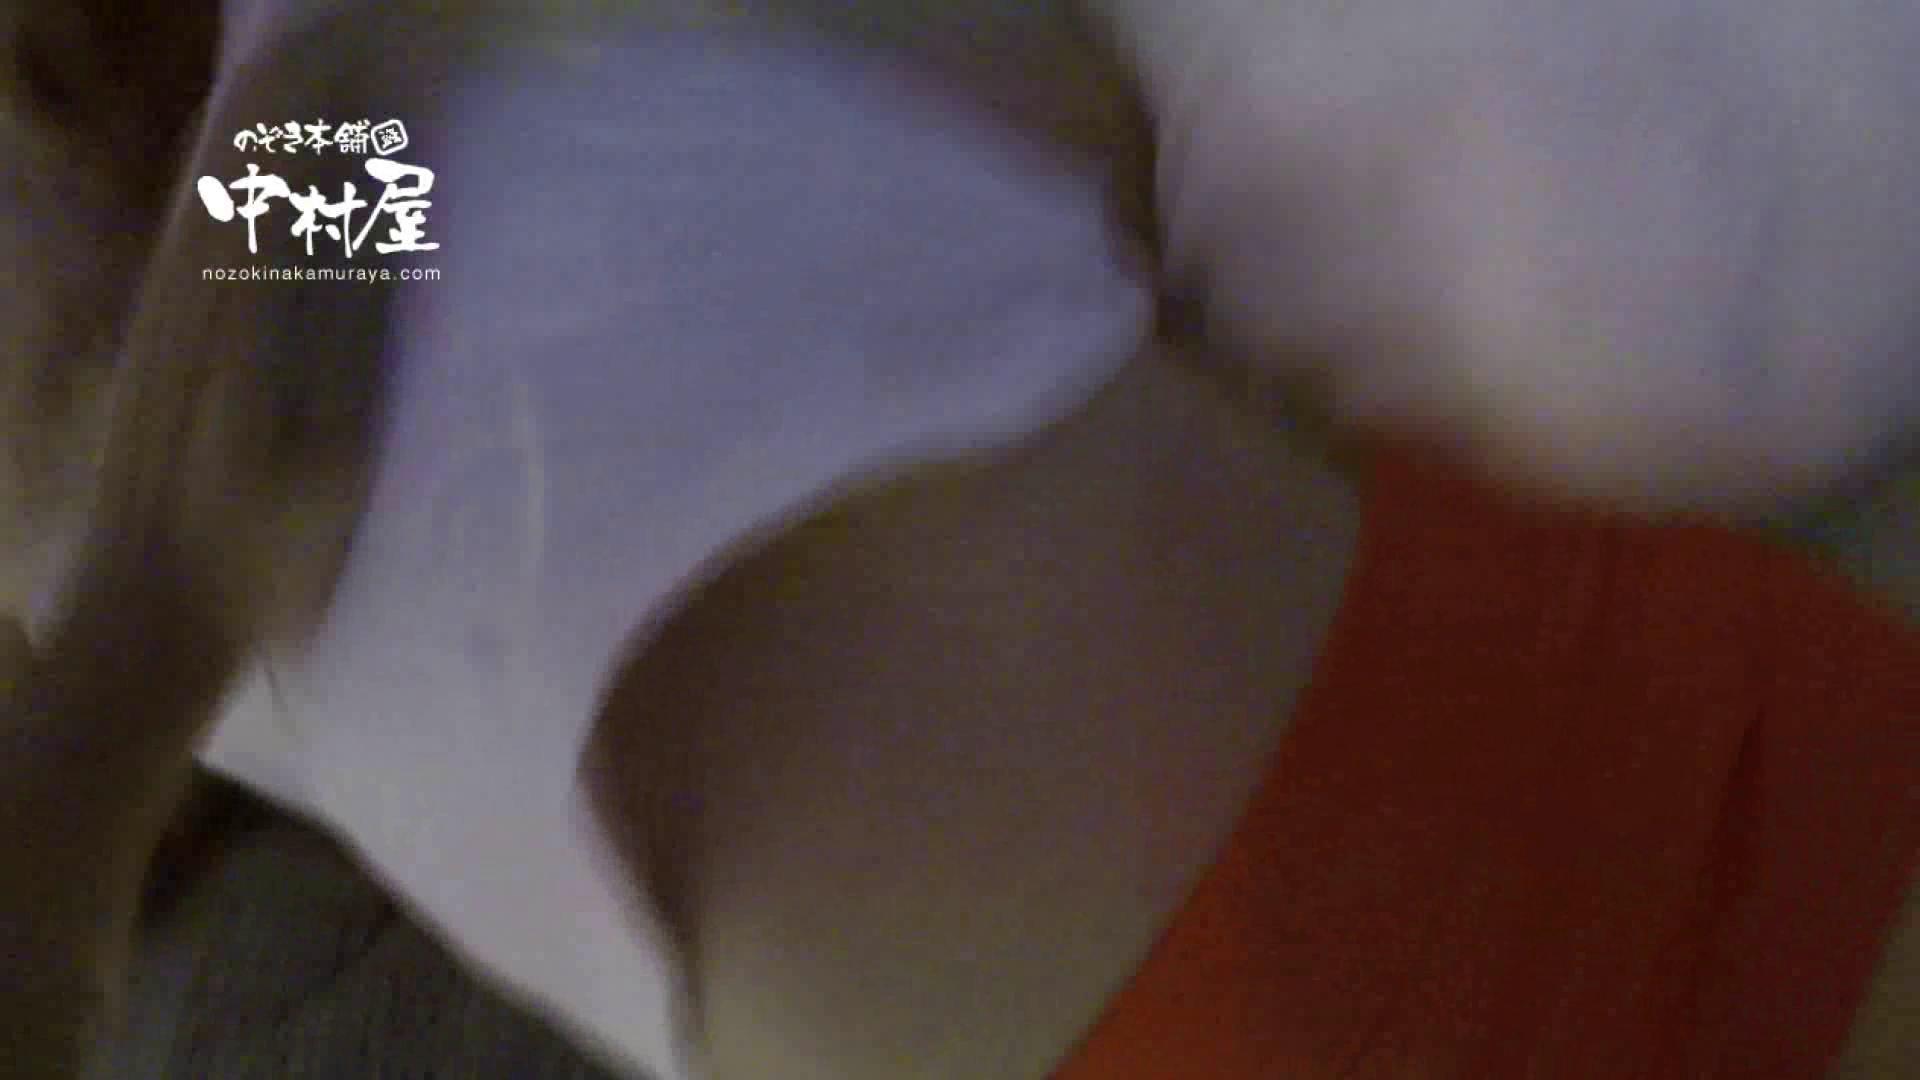 鬼畜 vol.08 極悪!妊娠覚悟の中出し! 前編 美しいOLの裸体 SEX無修正画像 81pic 26